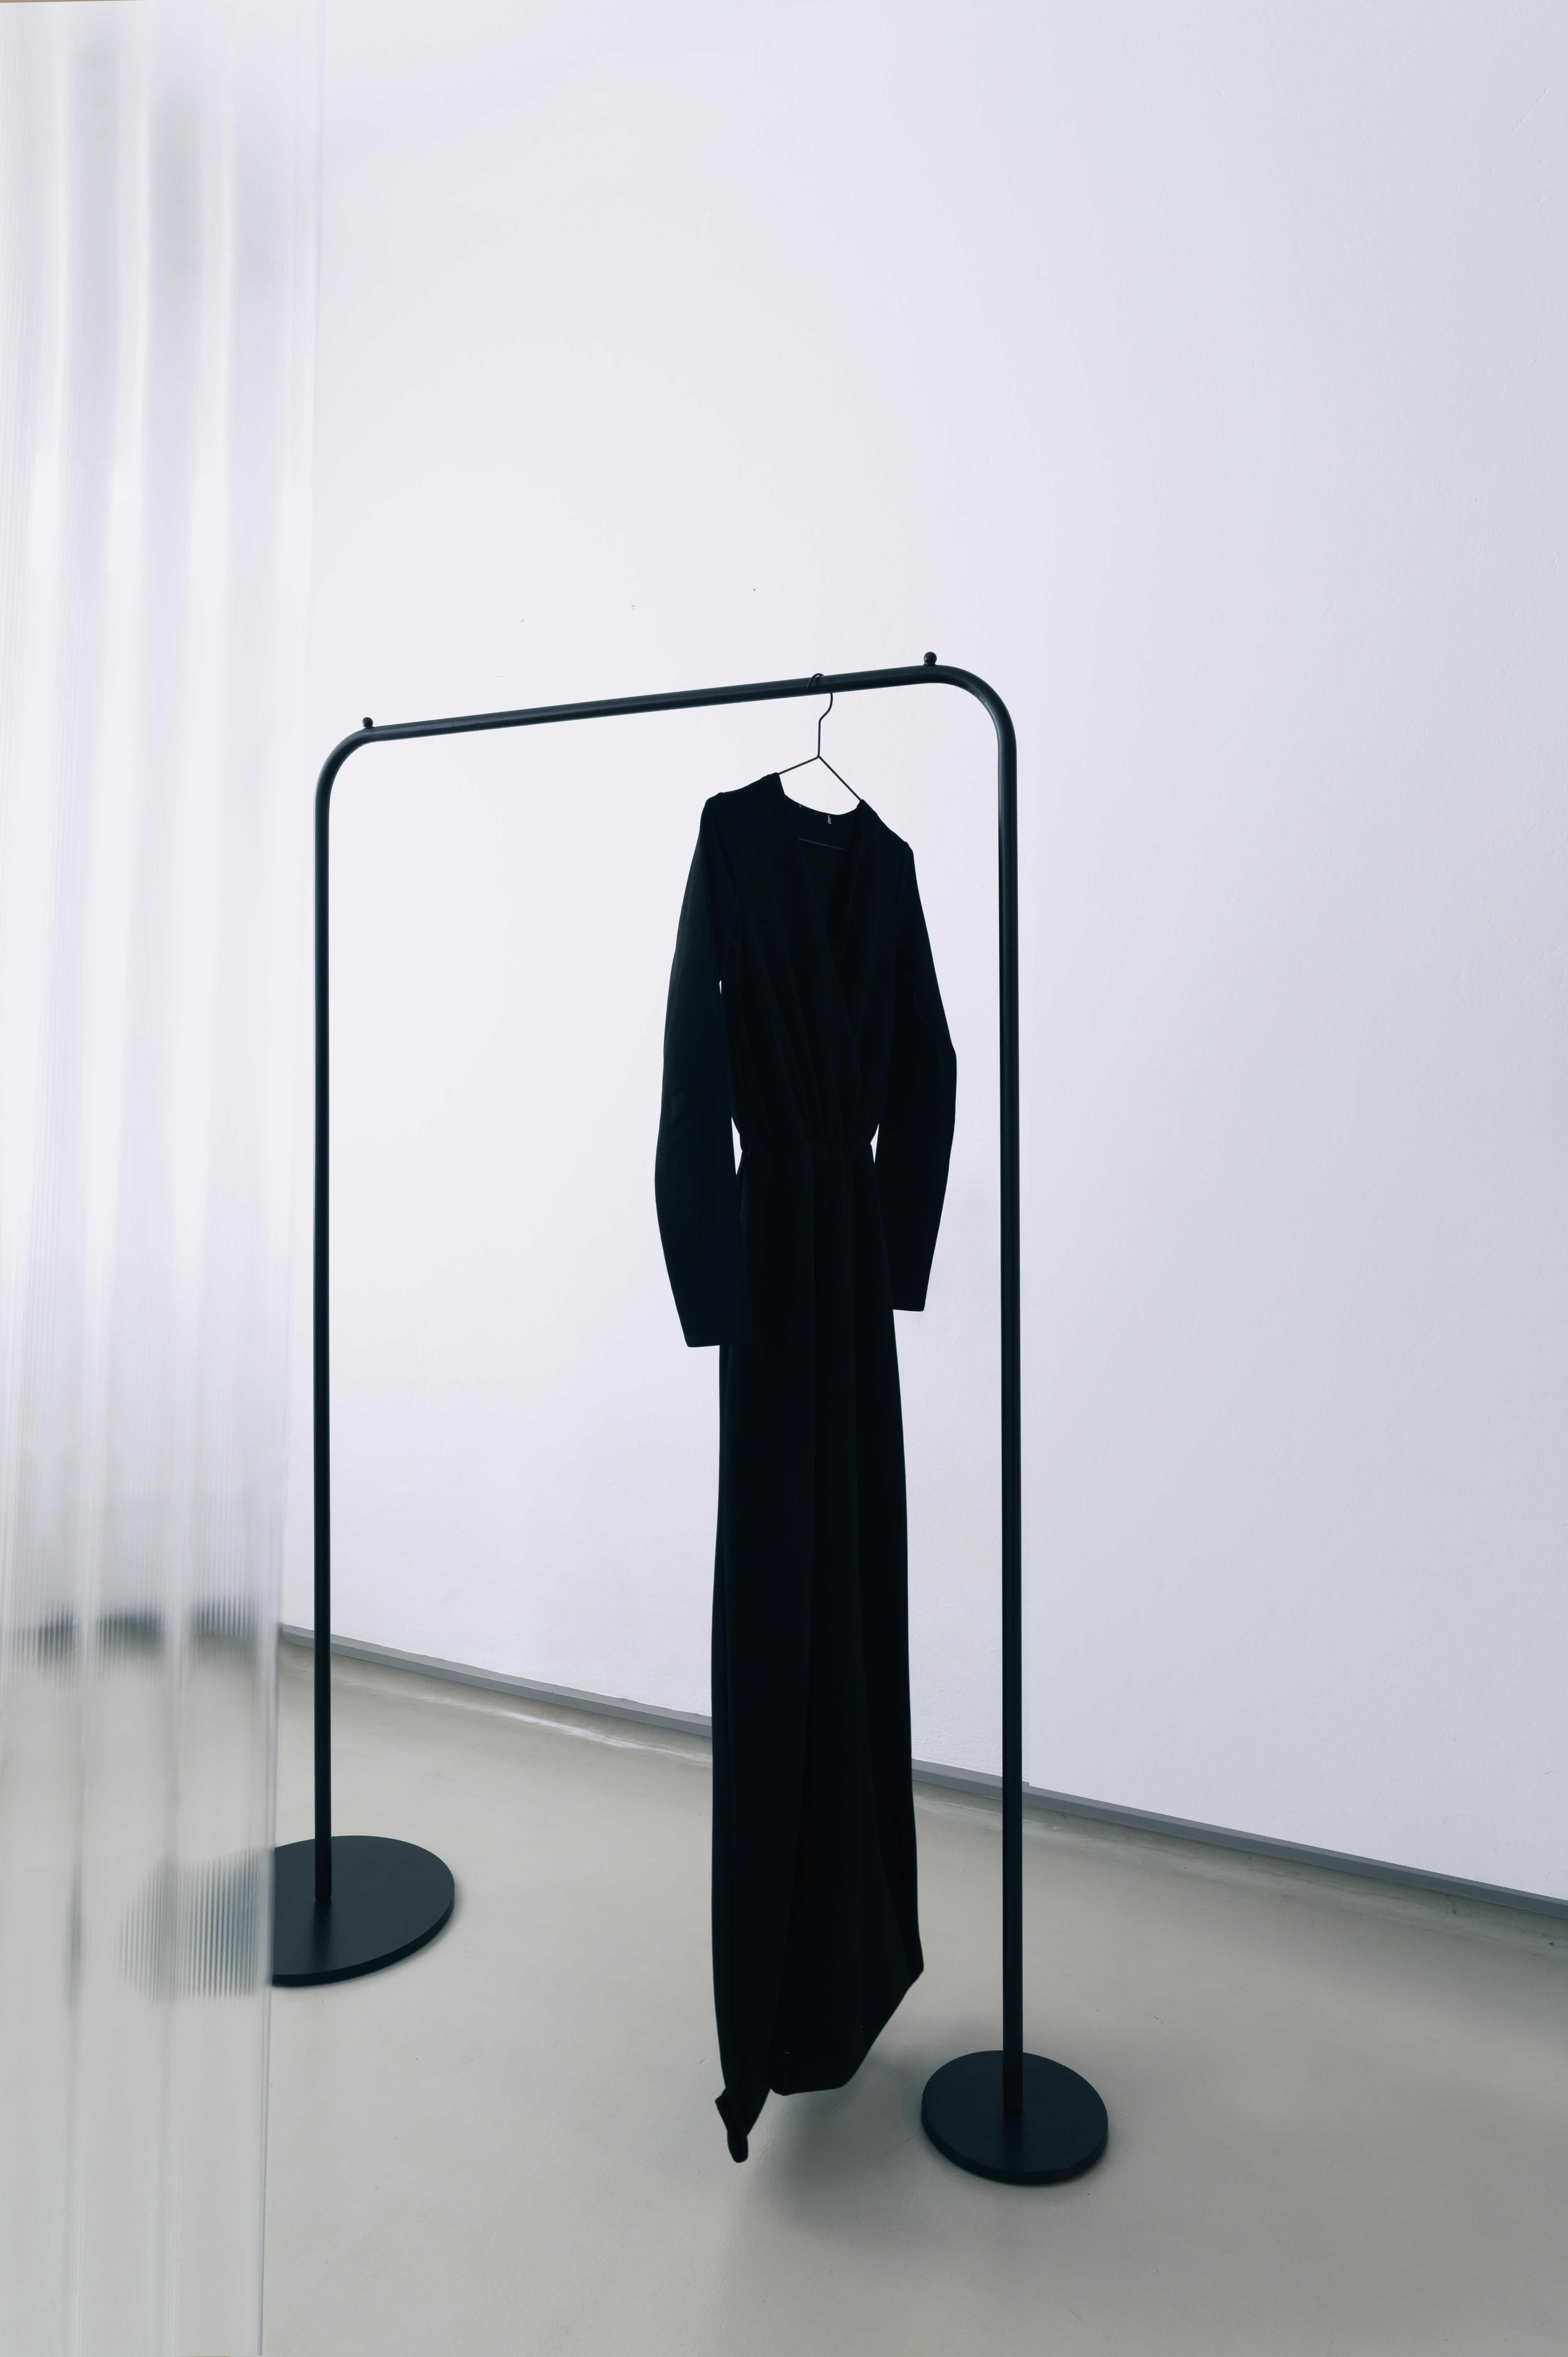 Garderobenstange LIA: LIA ist eine minimalistische Garderobenstange aus Metall.